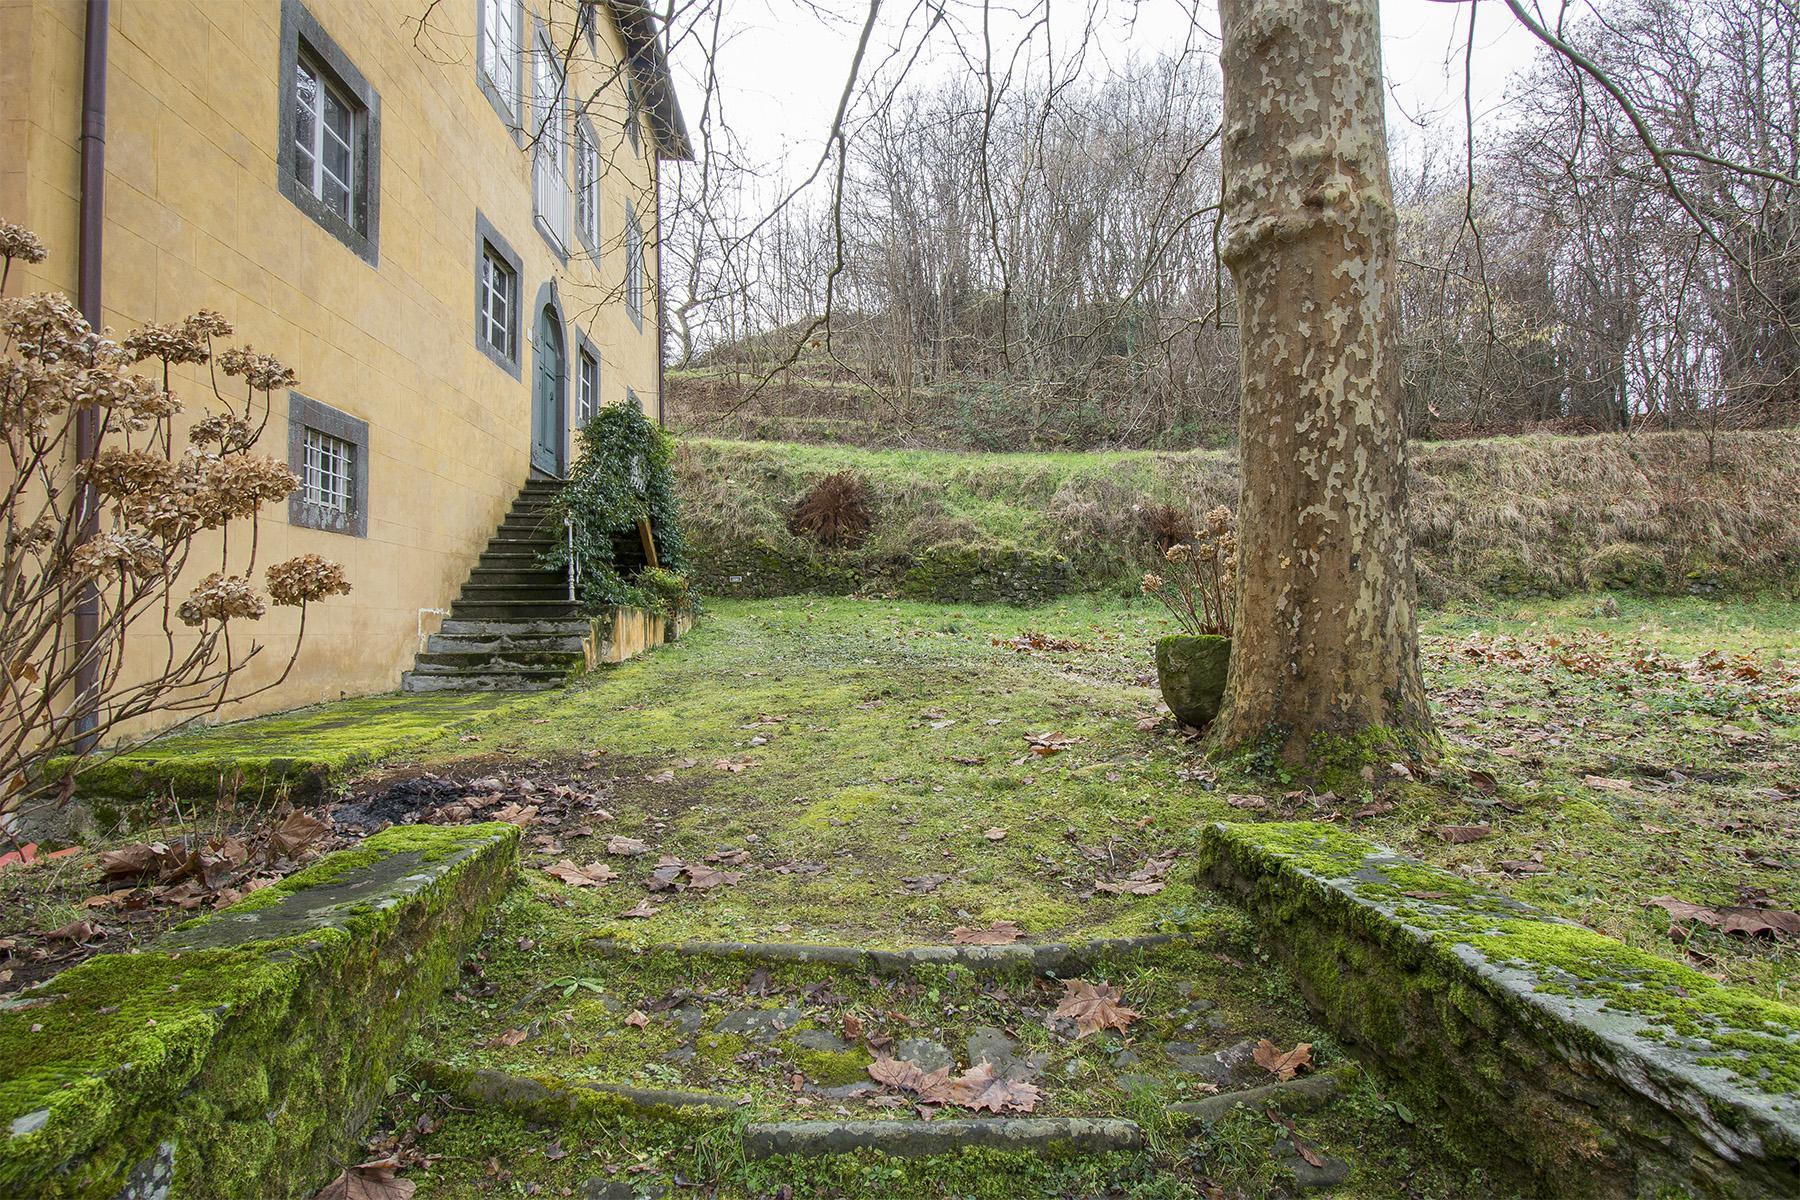 Villa historique près d'un village toscan médiéval - 19